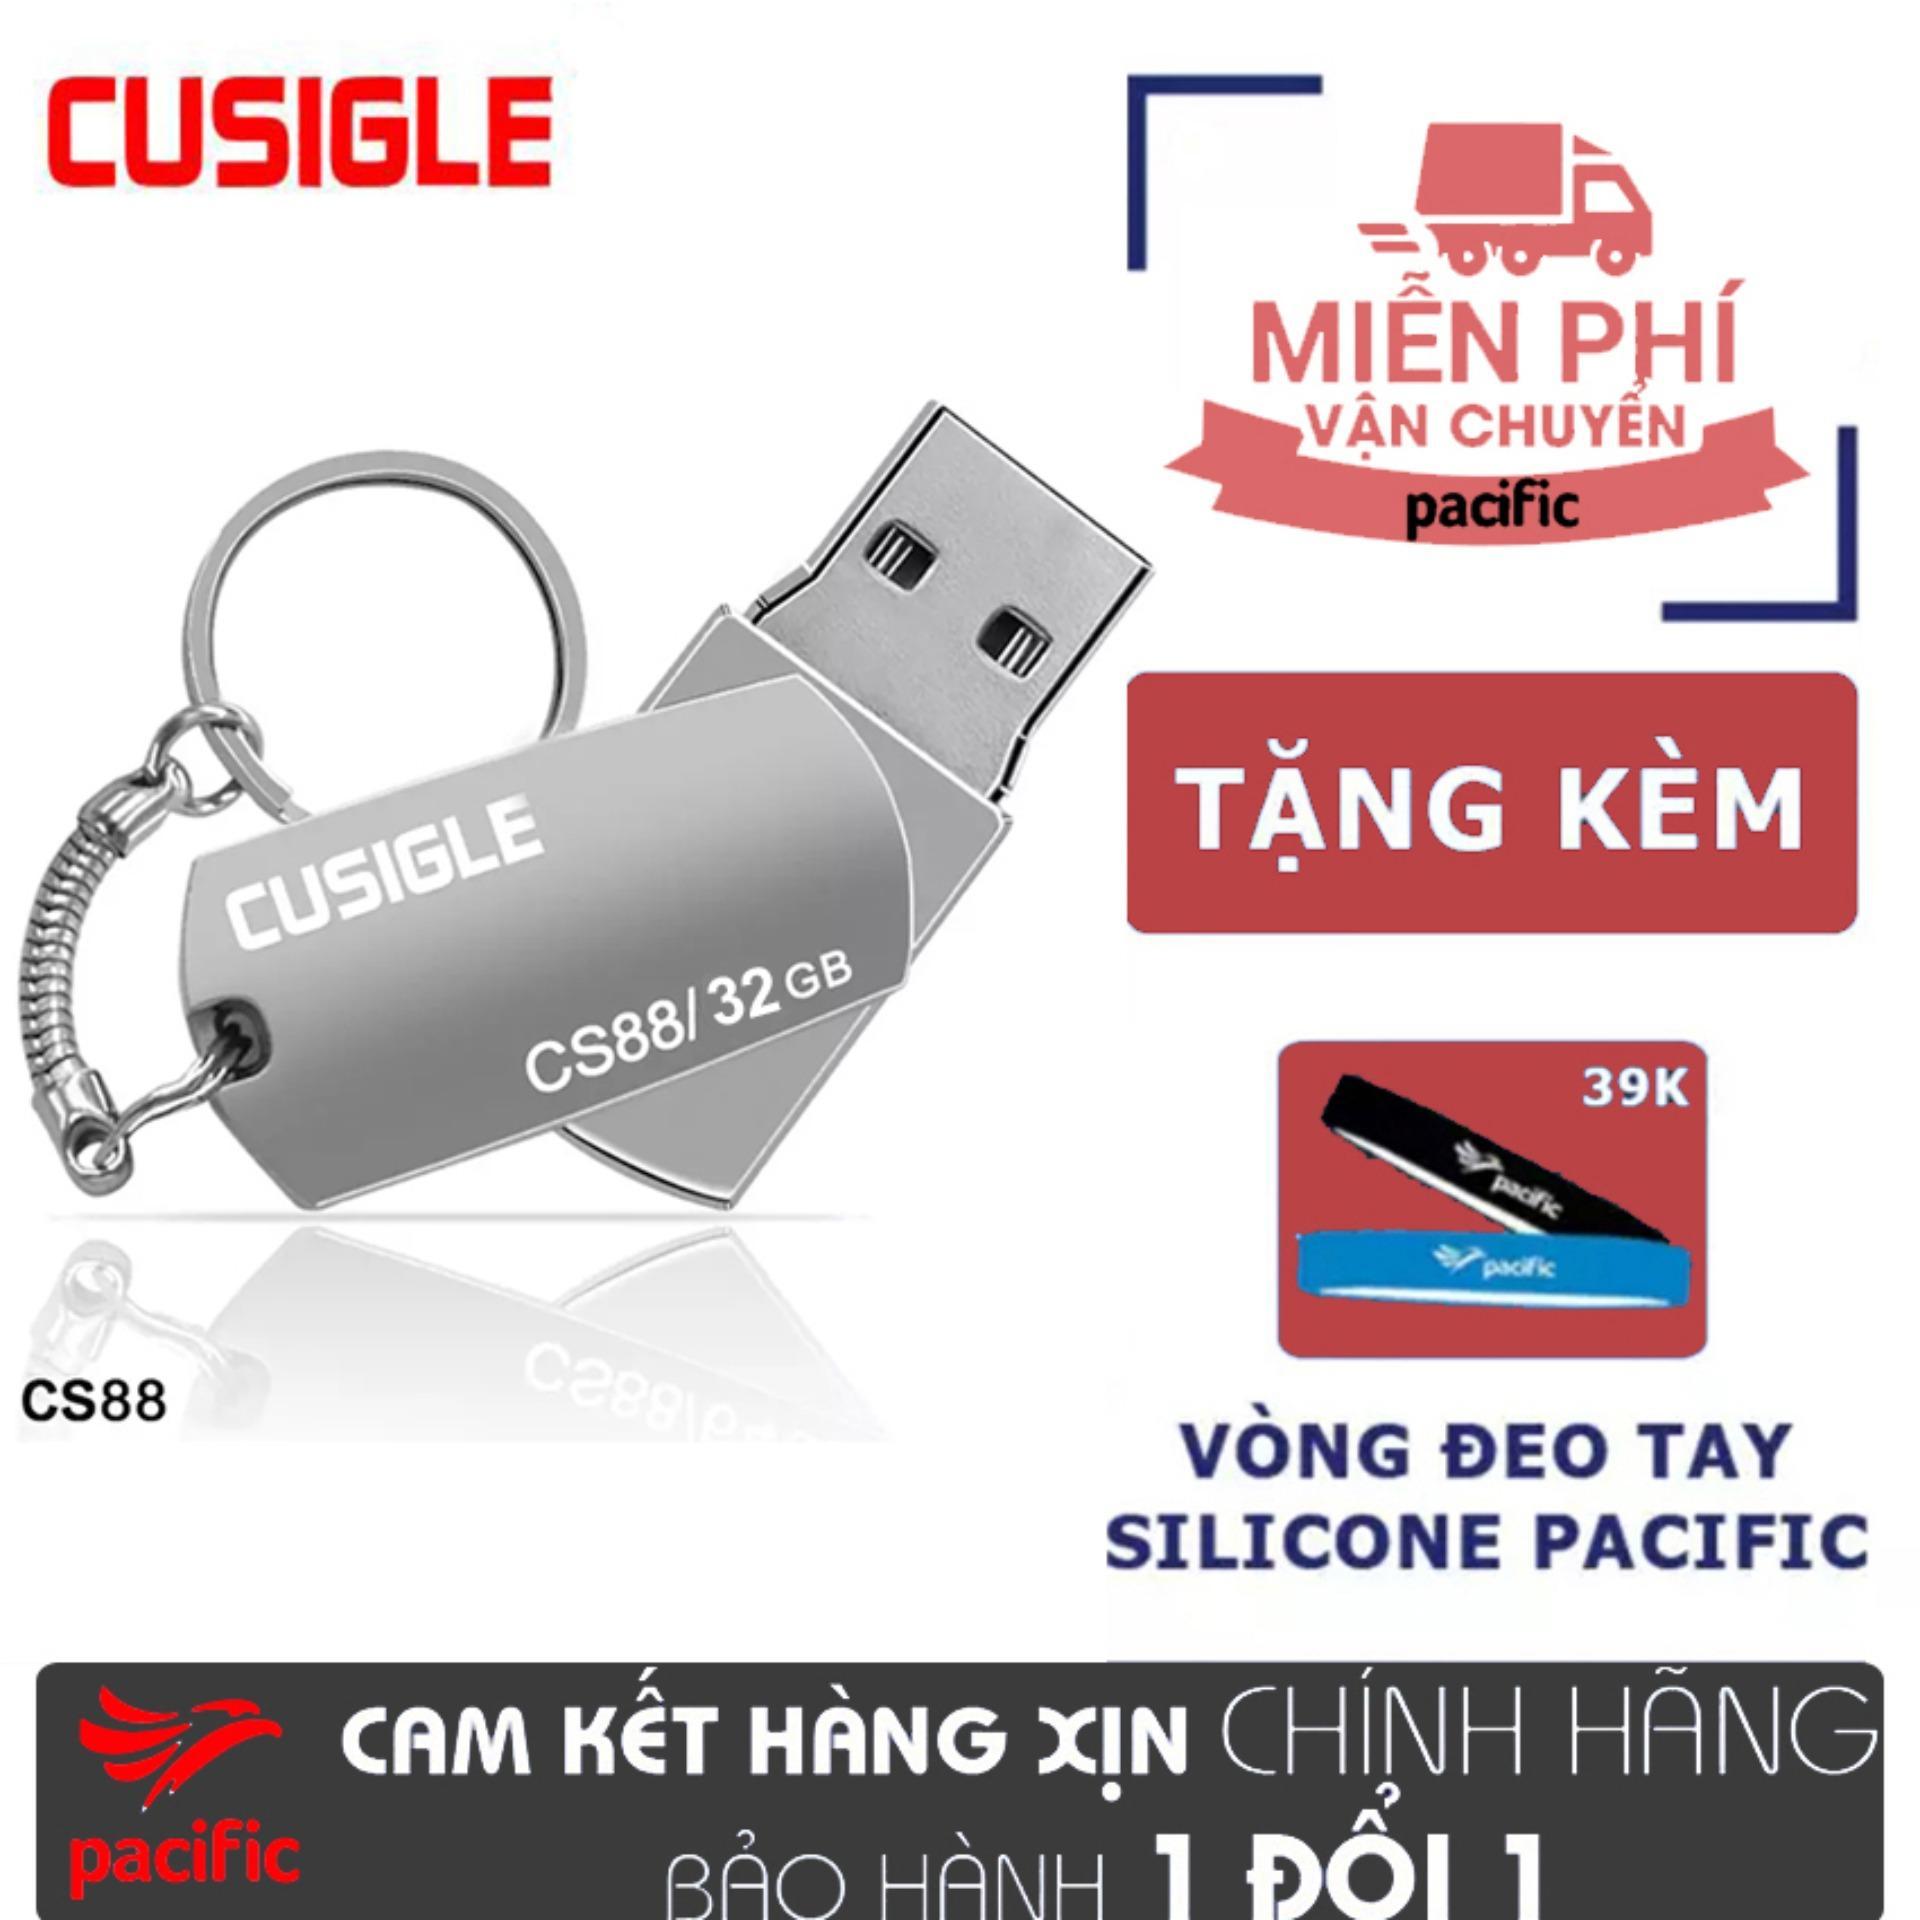 Hình ảnh USB 32Gb Cusigle CS88 2018 - Tặng Vòng đeo tay Silicone Pacific